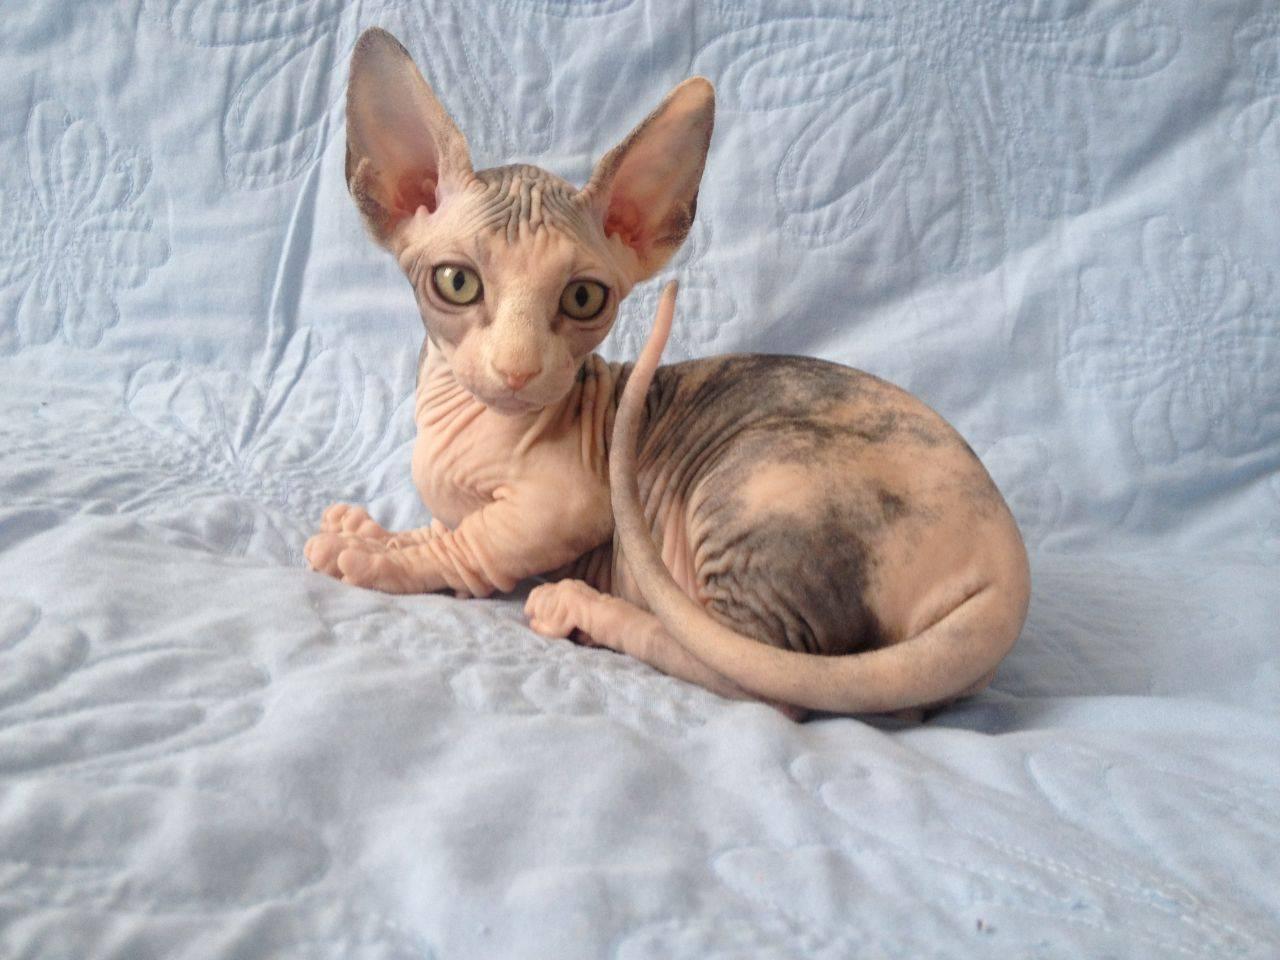 Бамбино кошка. описание, особенности, уход и цена кошки бамбино | животный мир